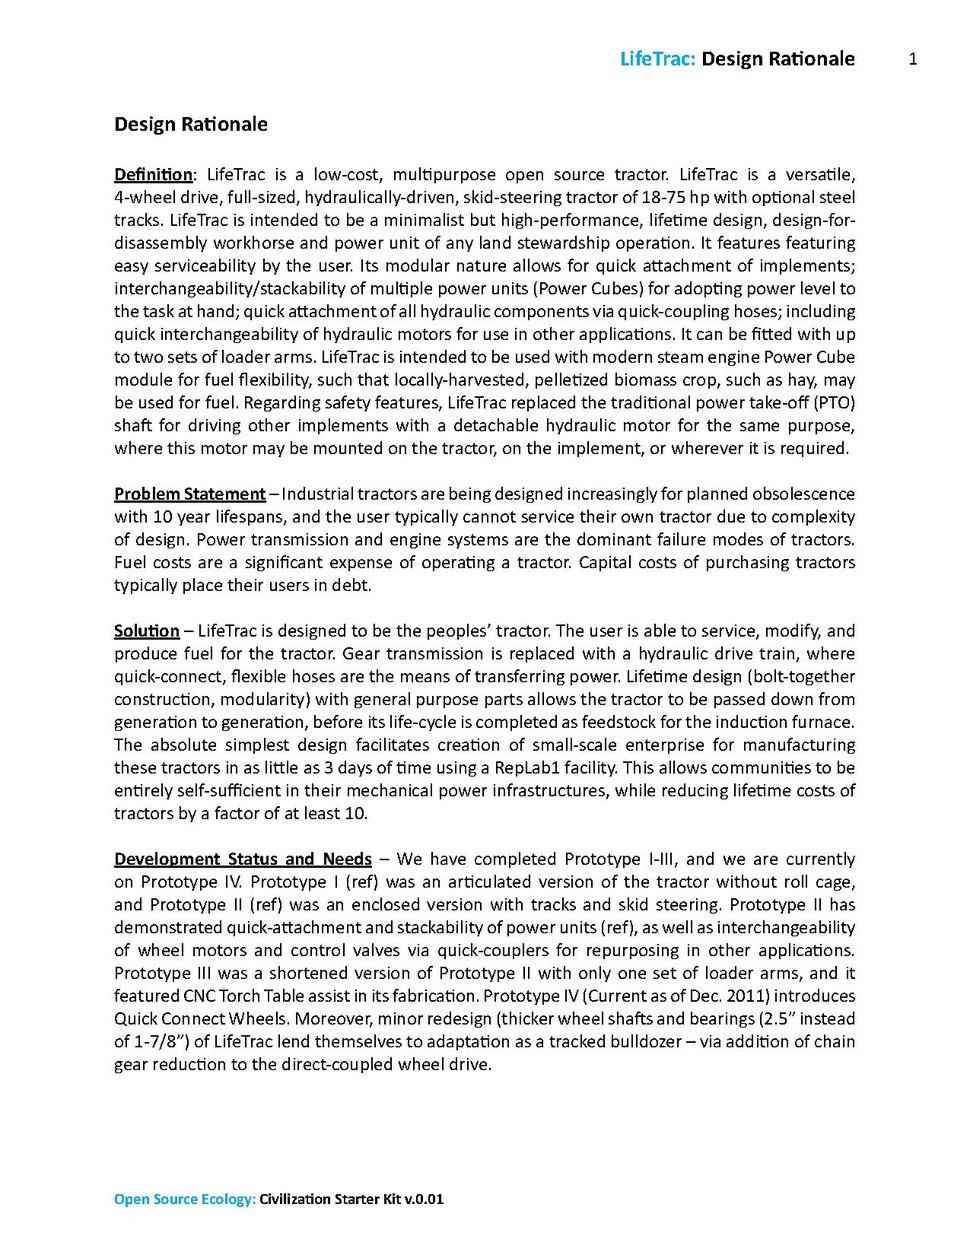 Open Source Ecology - LifeTrac - Design Rationale.pdf